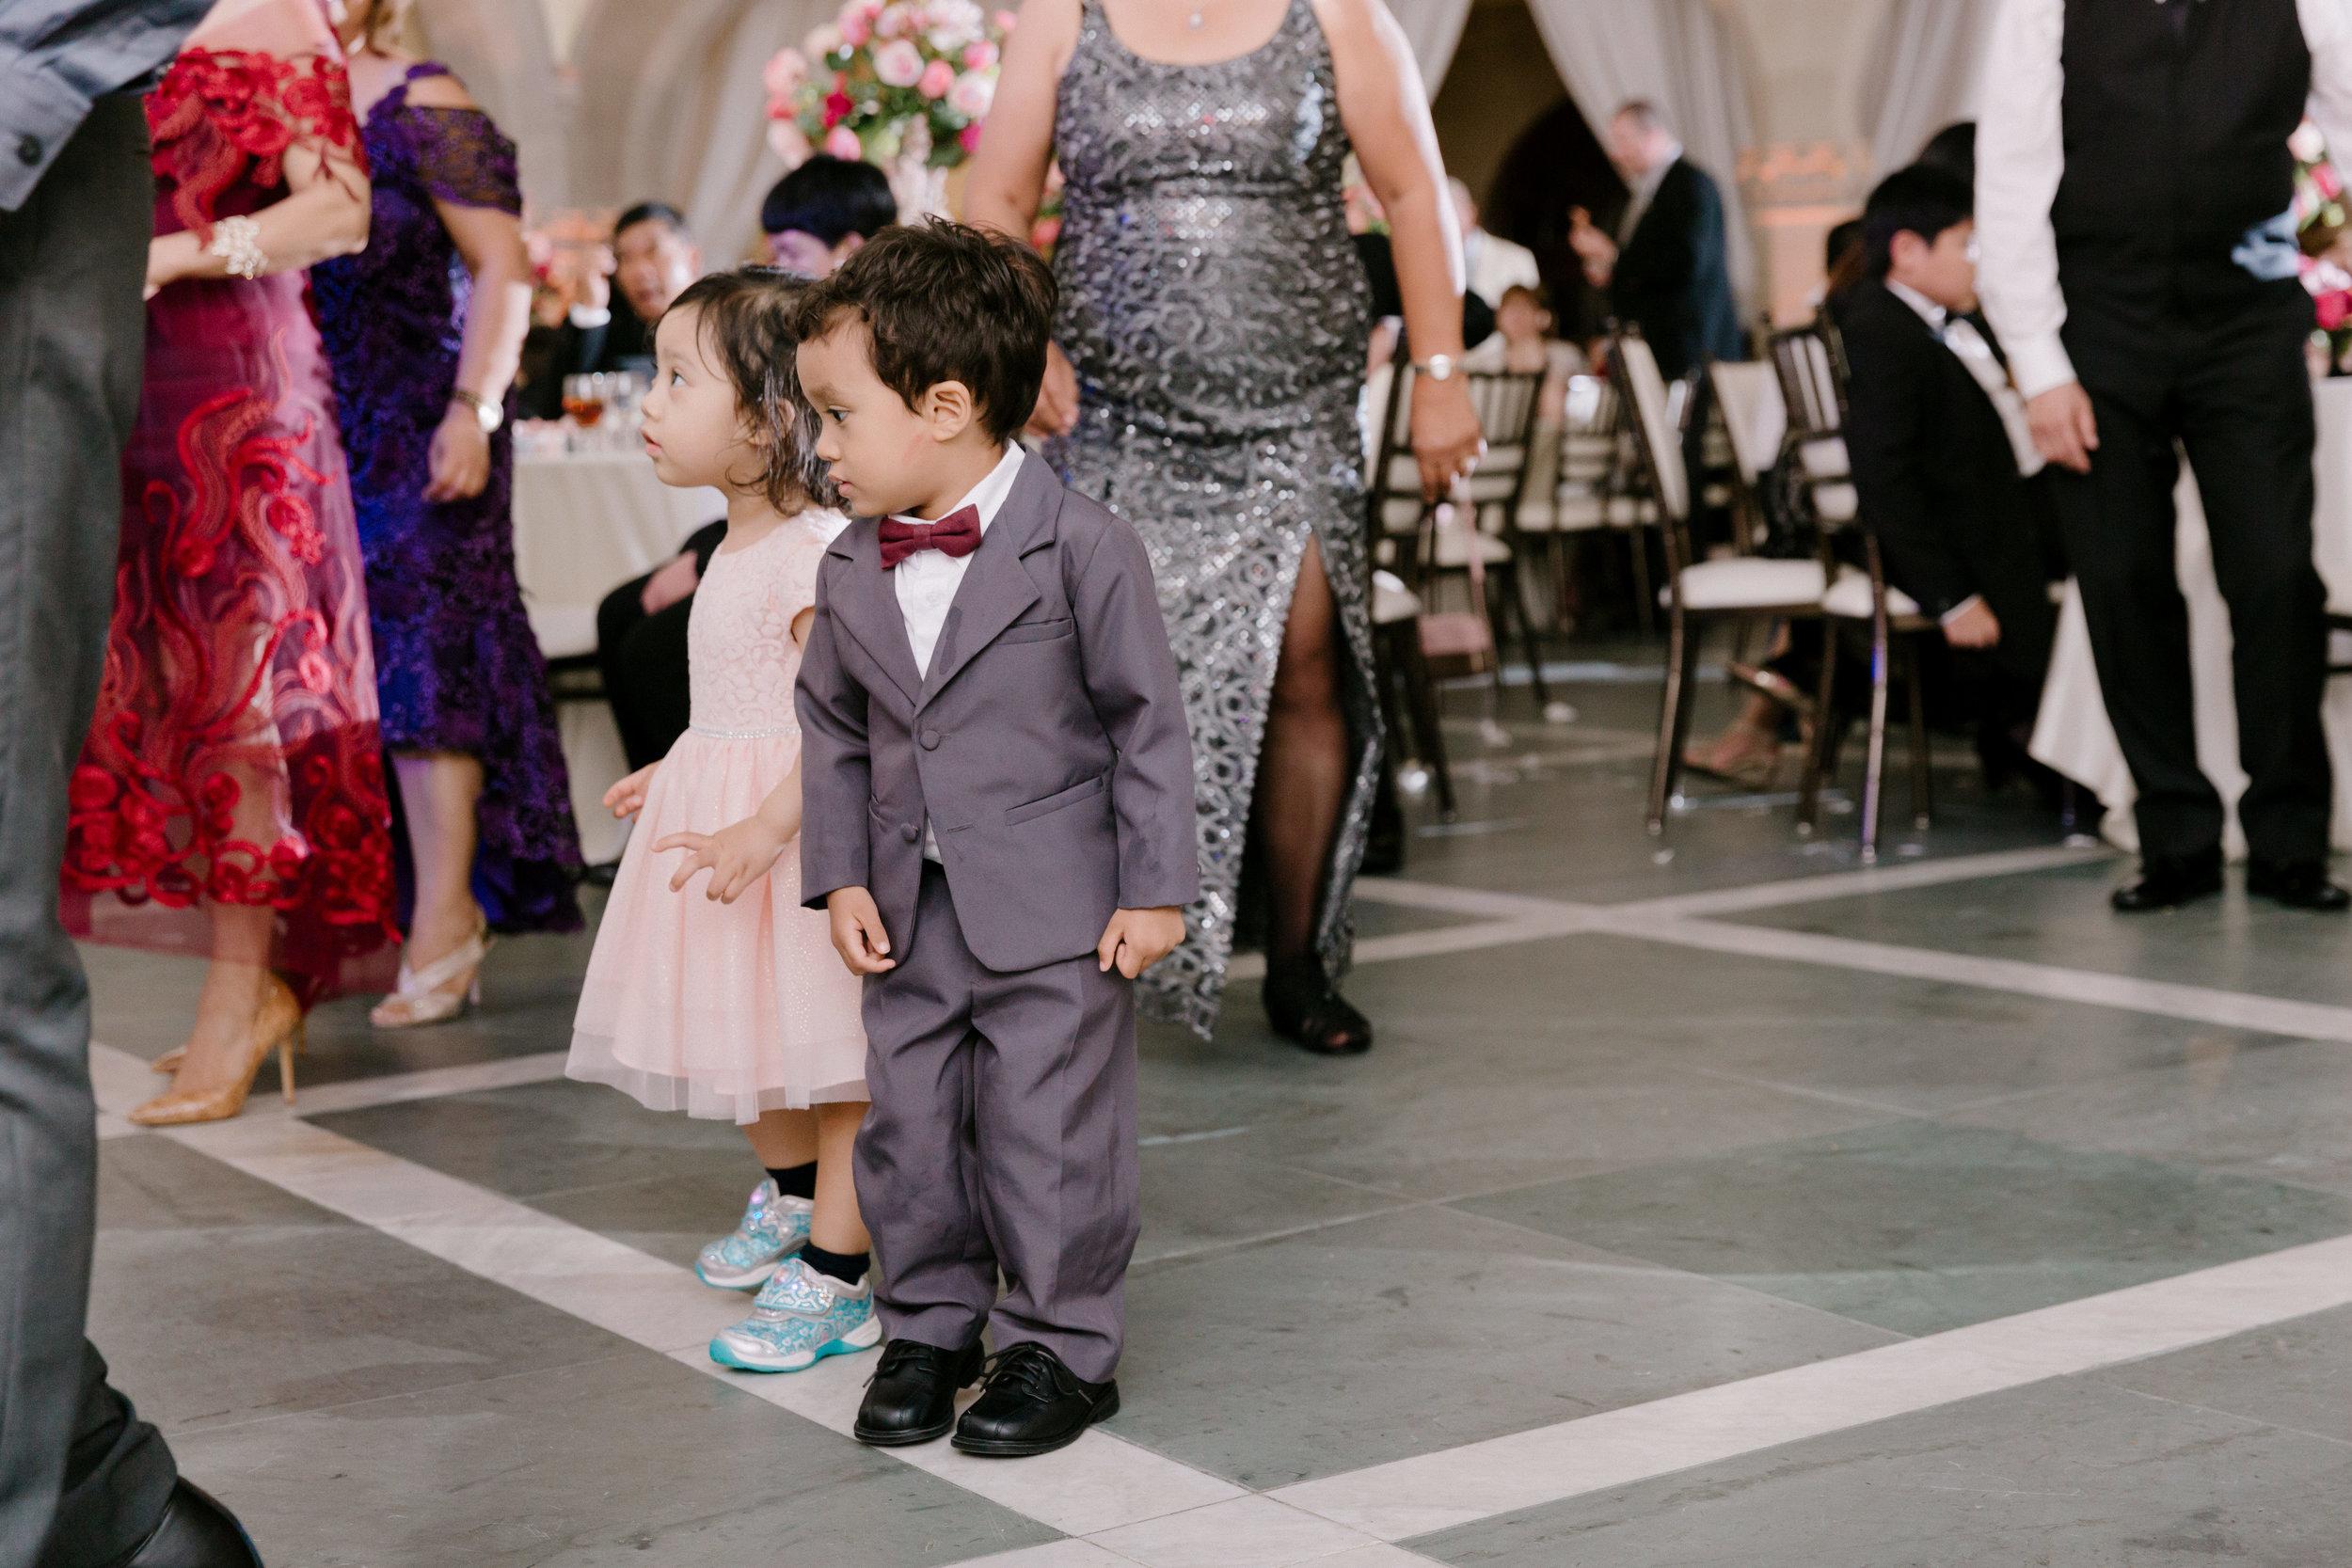 05_28_17_Wedding_692.jpg